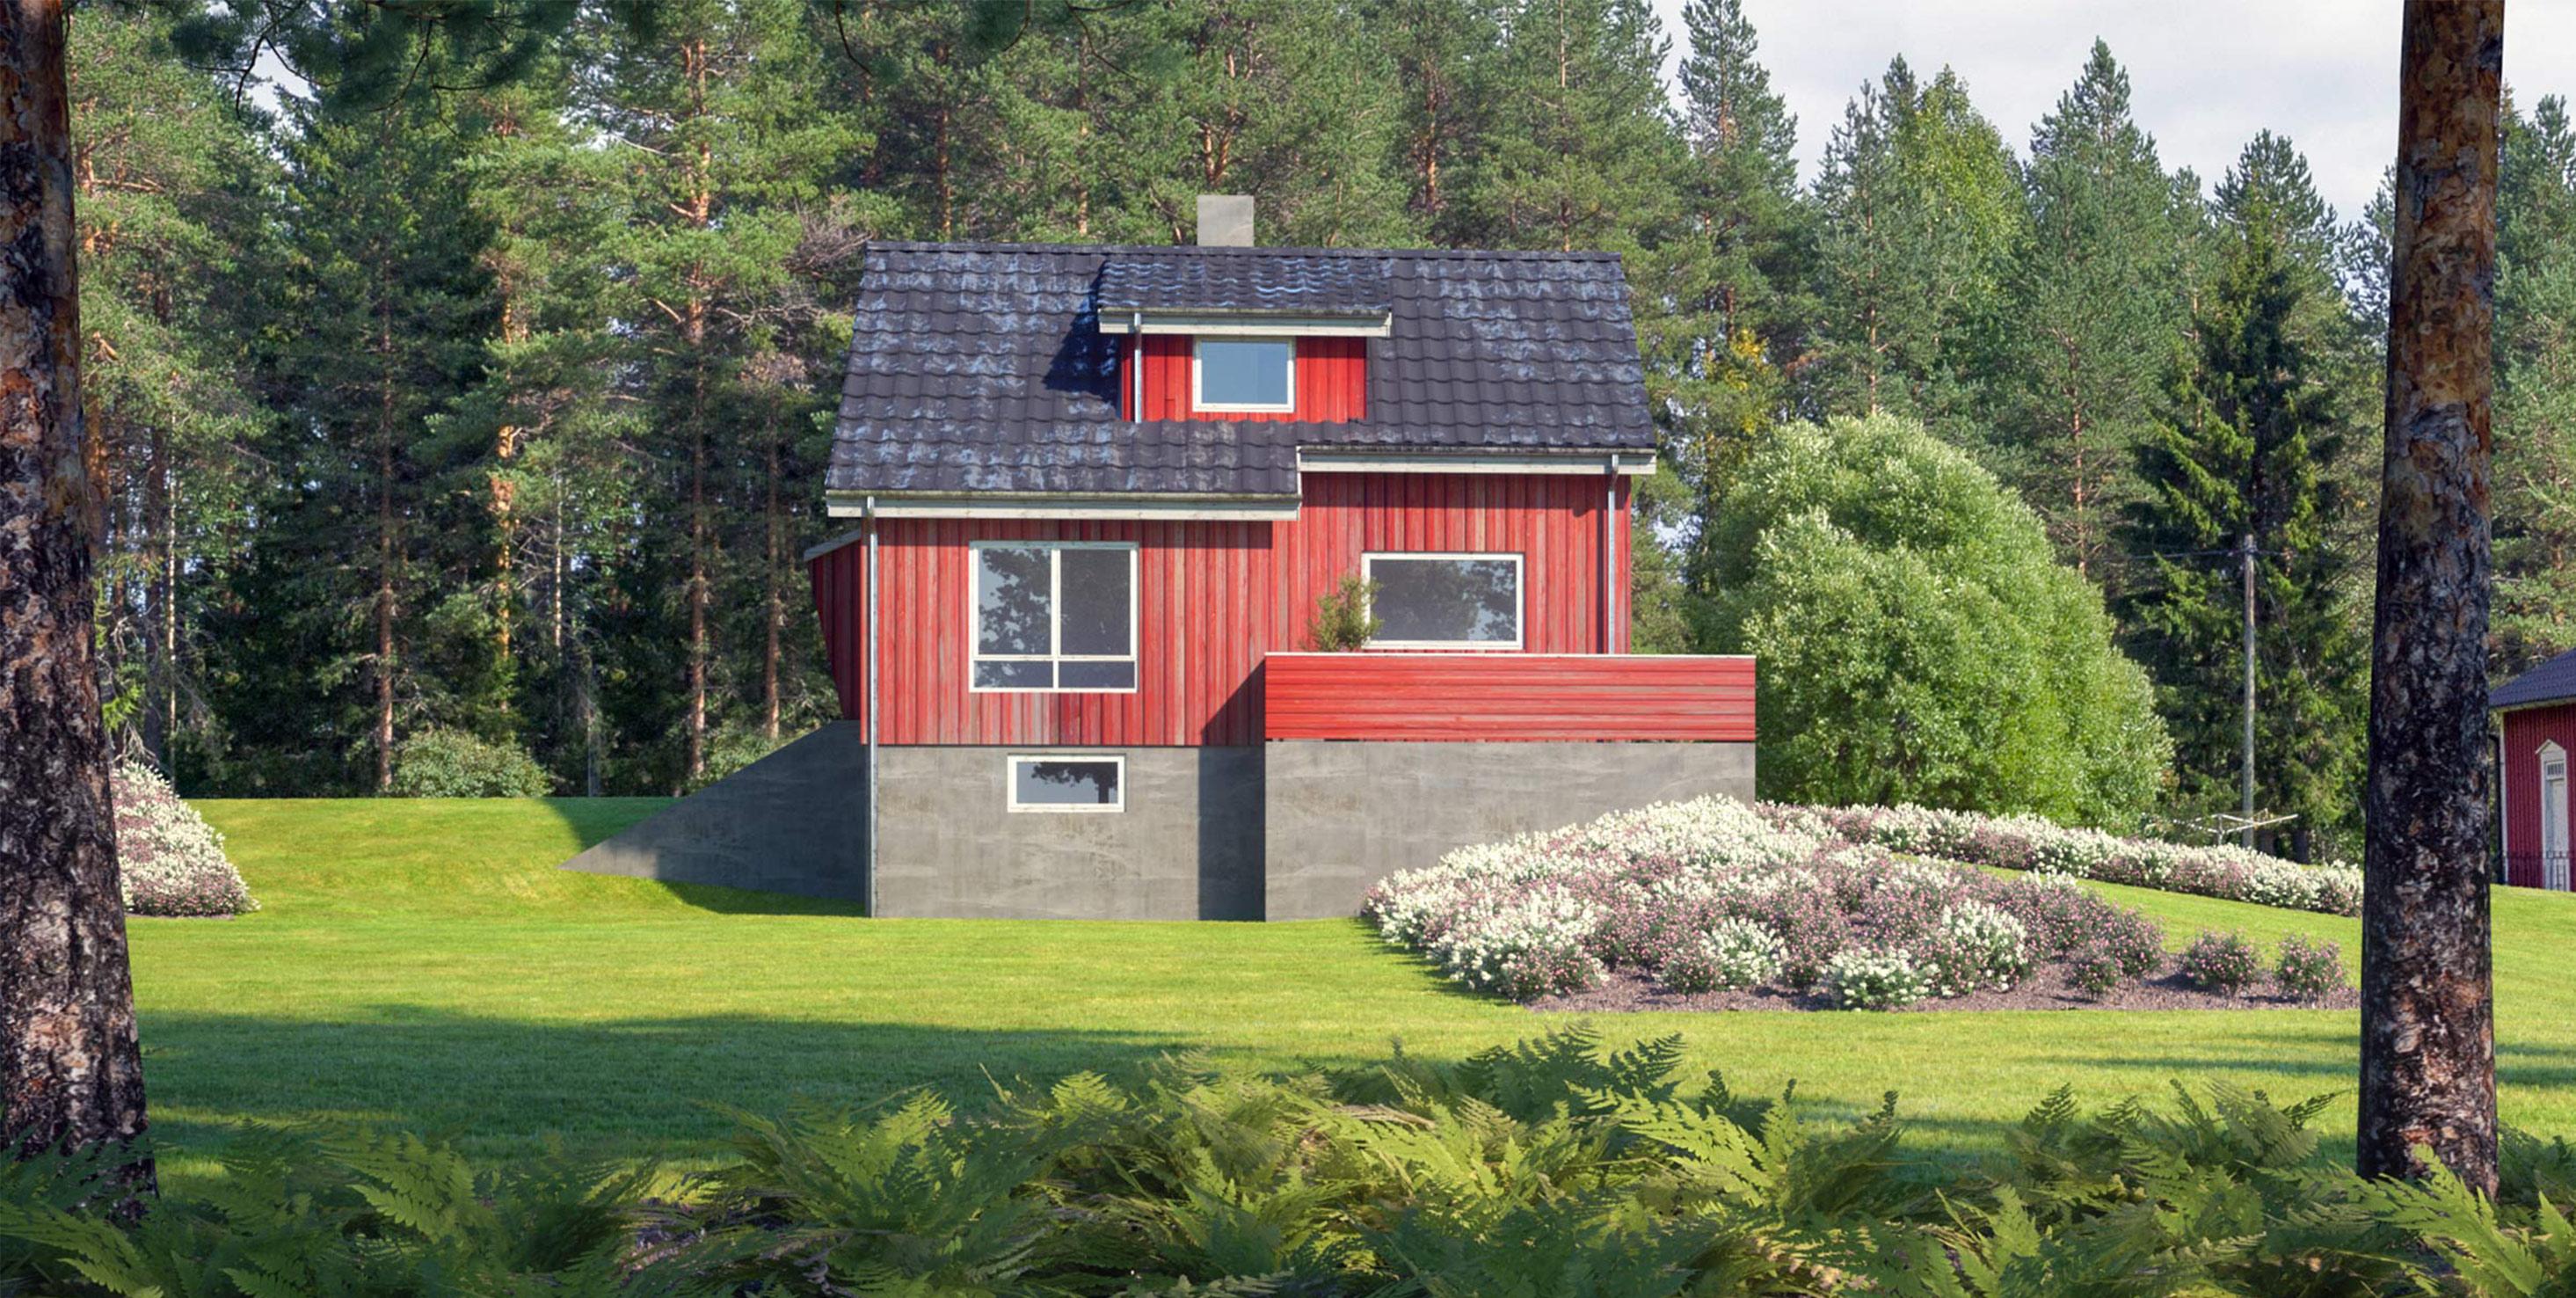 3D bilder av et hus fra Fjogstad hus før renovering